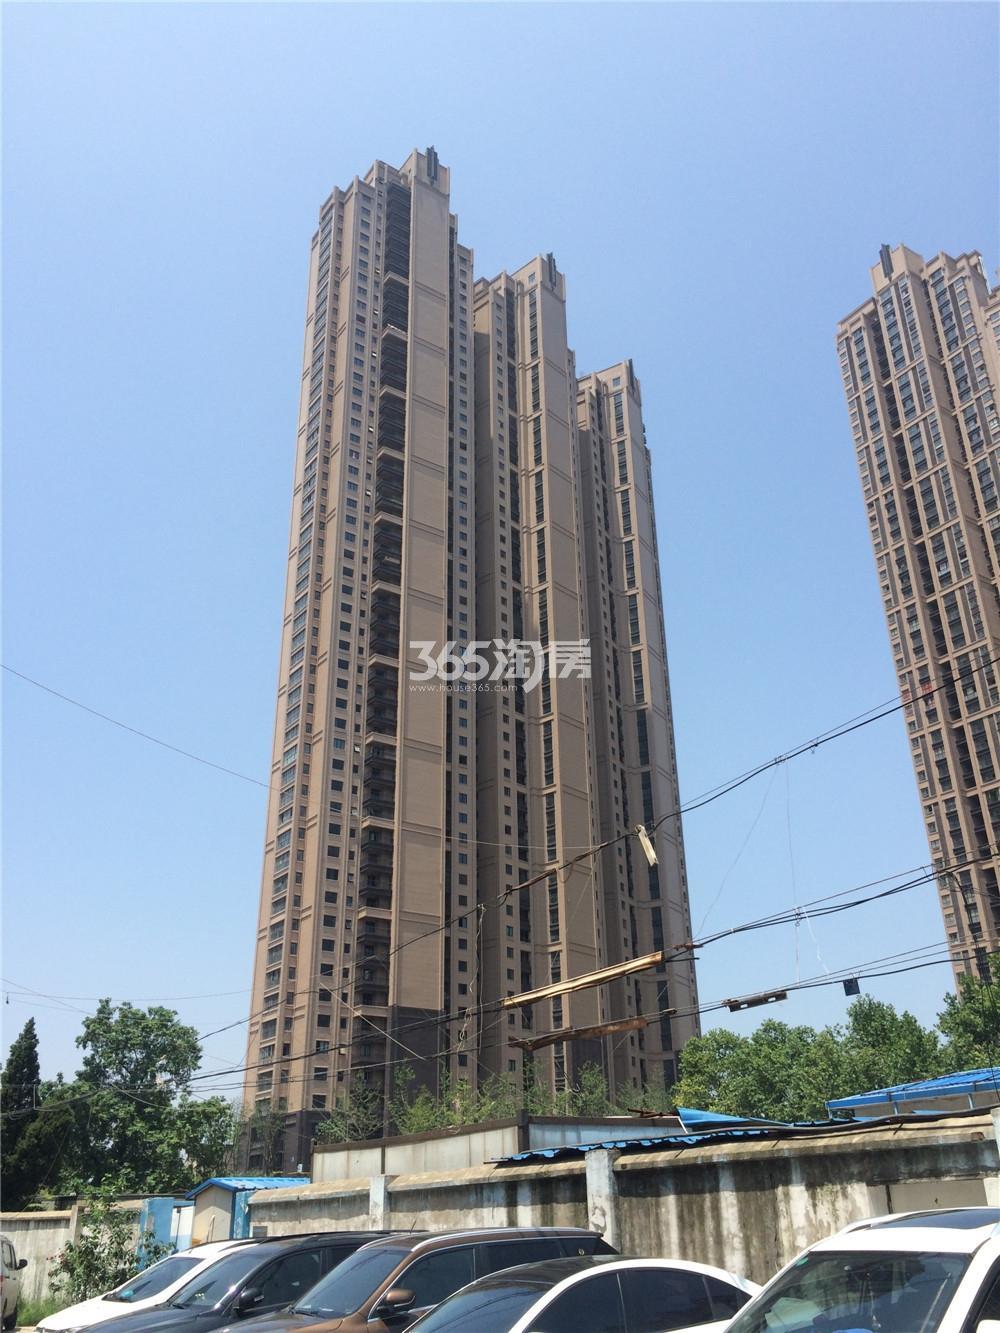 恒盛金陵湾4号楼已建好(7.21)